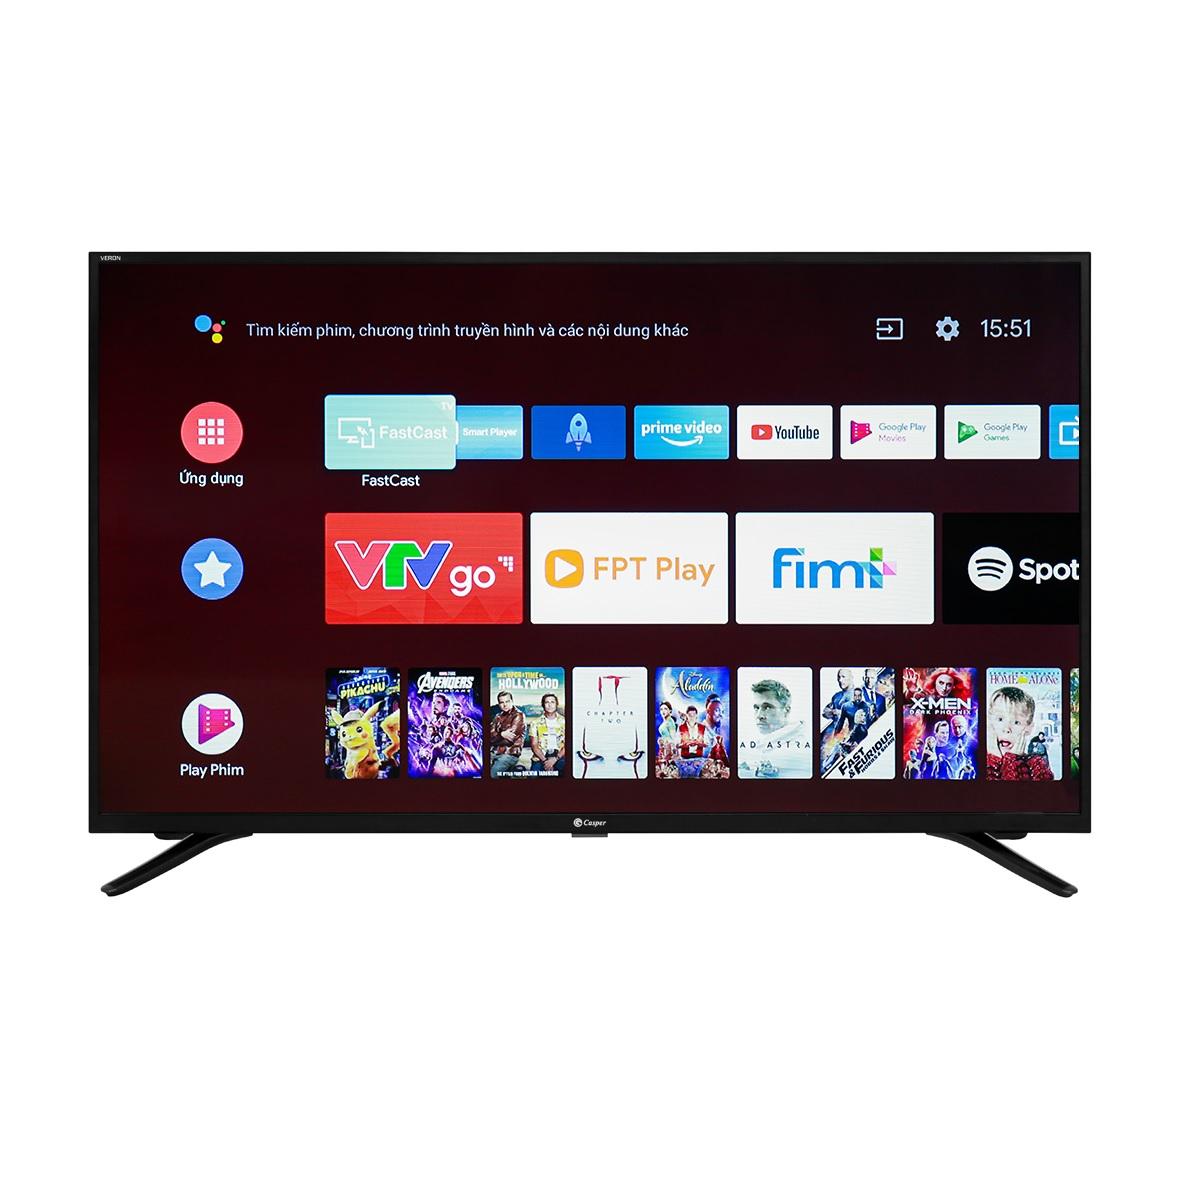 Smart Voice Tivi Casper 50UG5000 - Android 9.0, Bluetooth, Chromecast, 4K, Trợ lý Goolge - Hàng chính hãng